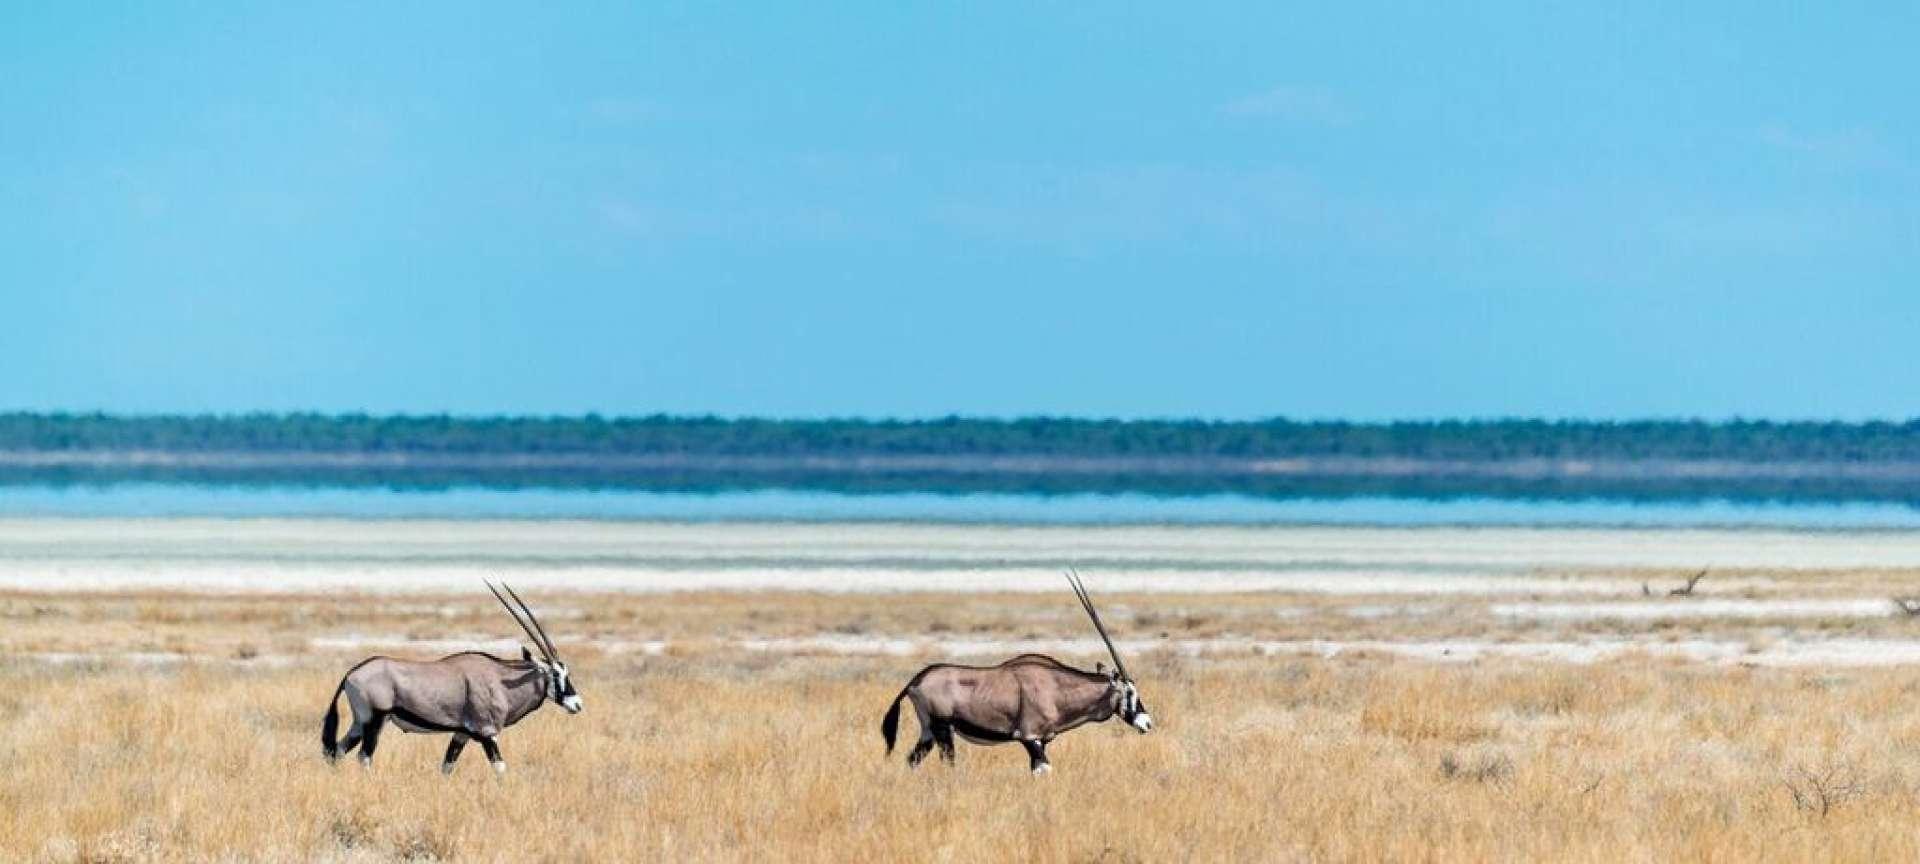 etosha national park gemsbok